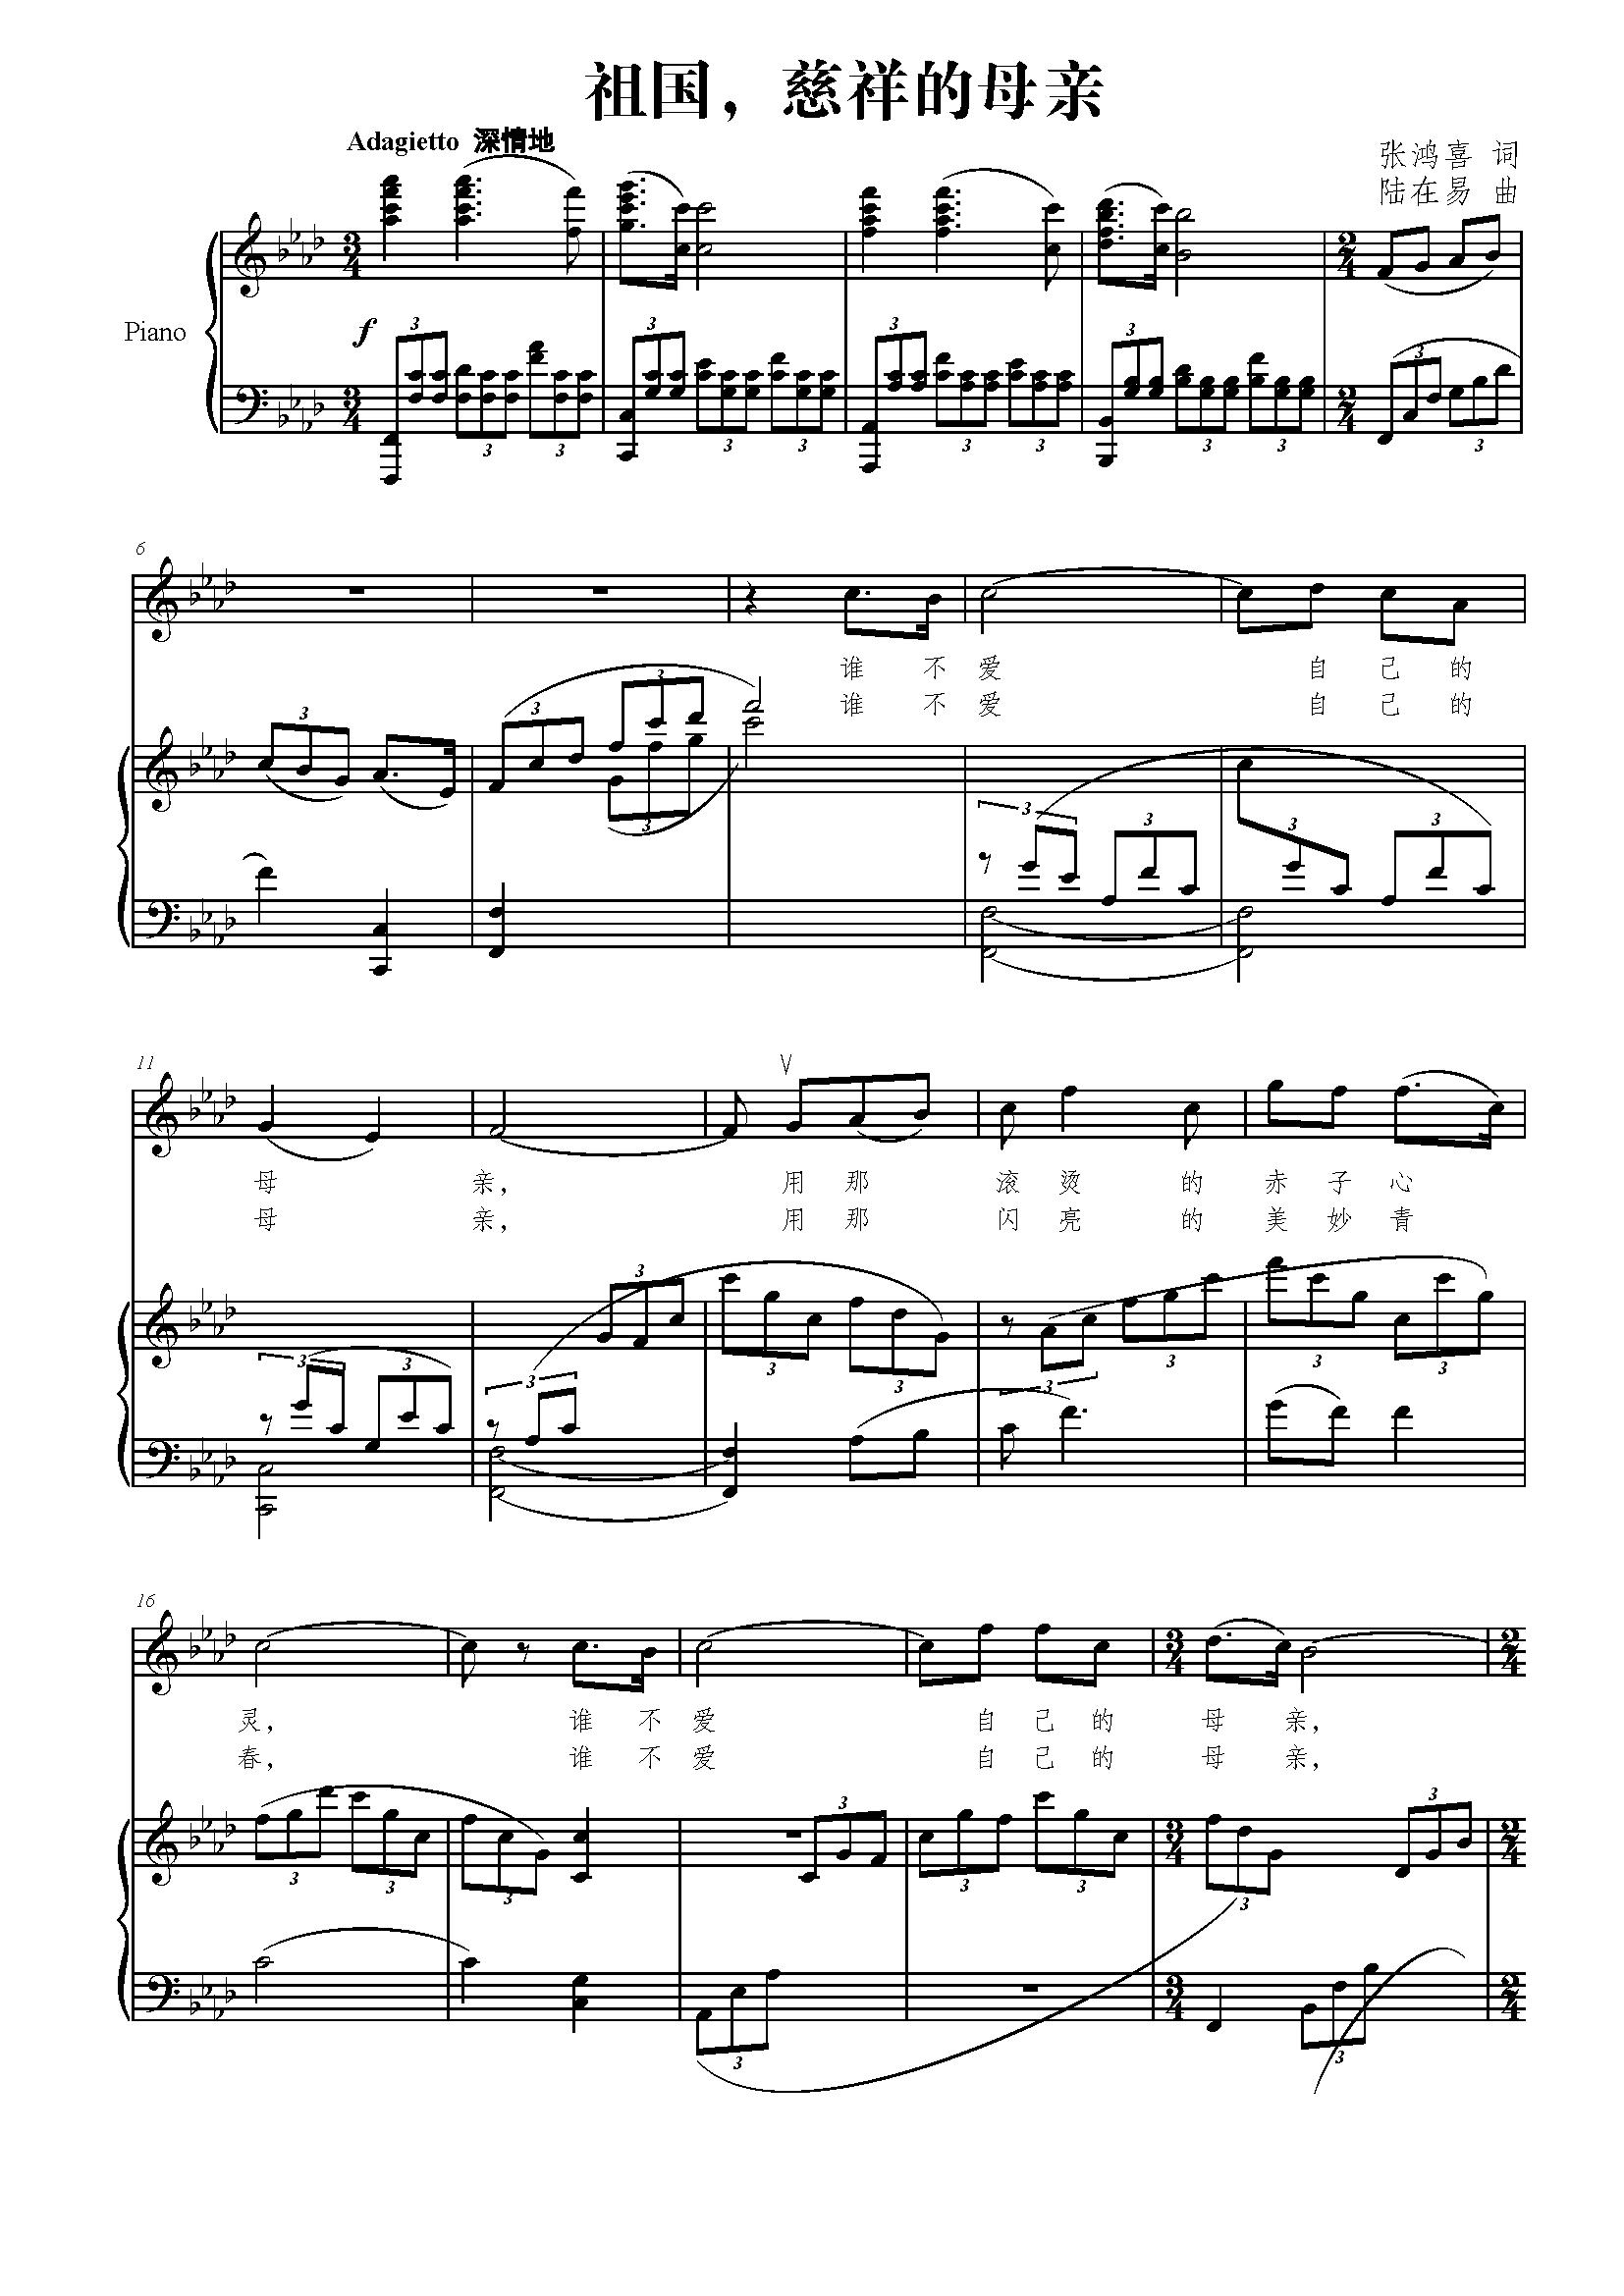 祖国.慈祥的母亲 钢琴伴奏谱c.d.e.f.g.a.b调.finale打谱,移调.